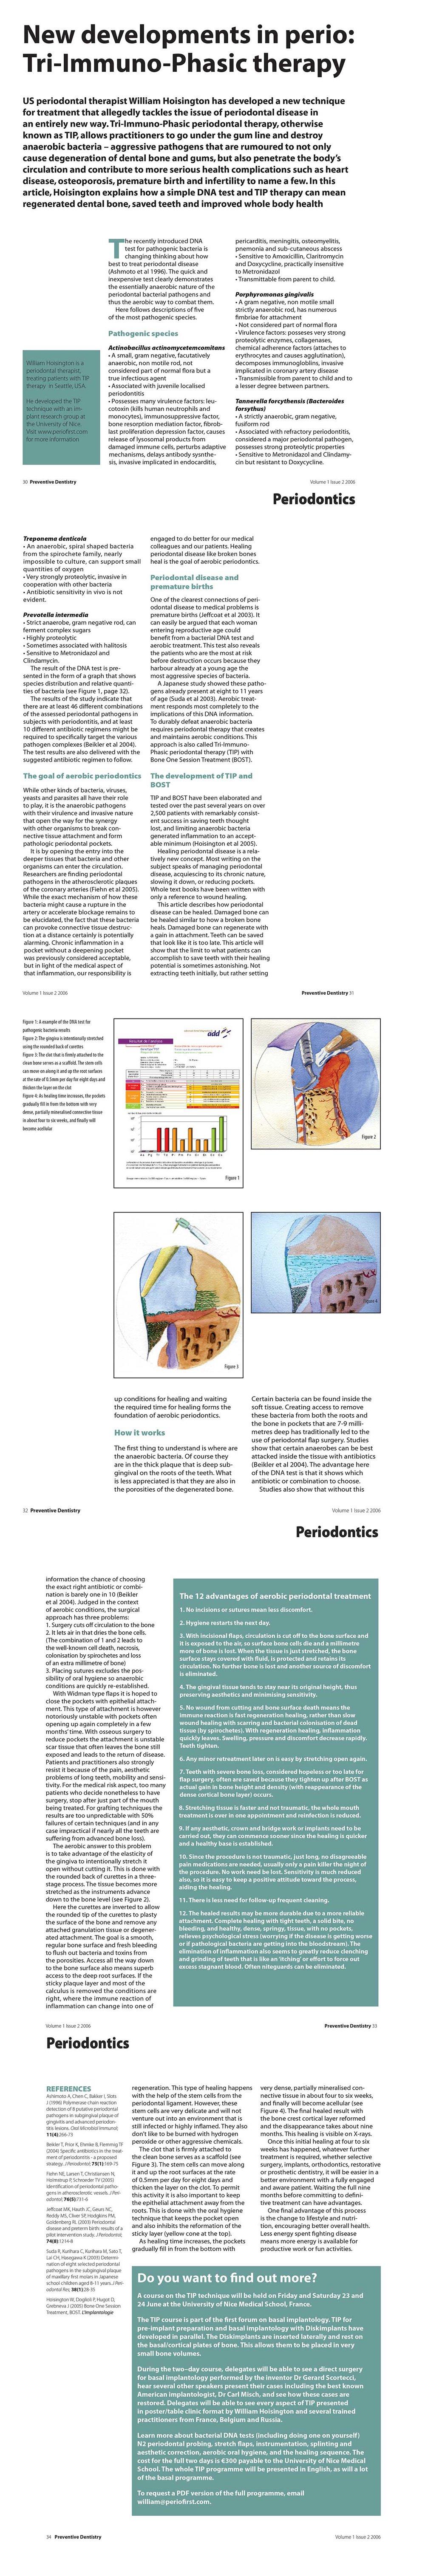 2006+Preventative+Dentistry.jpeg